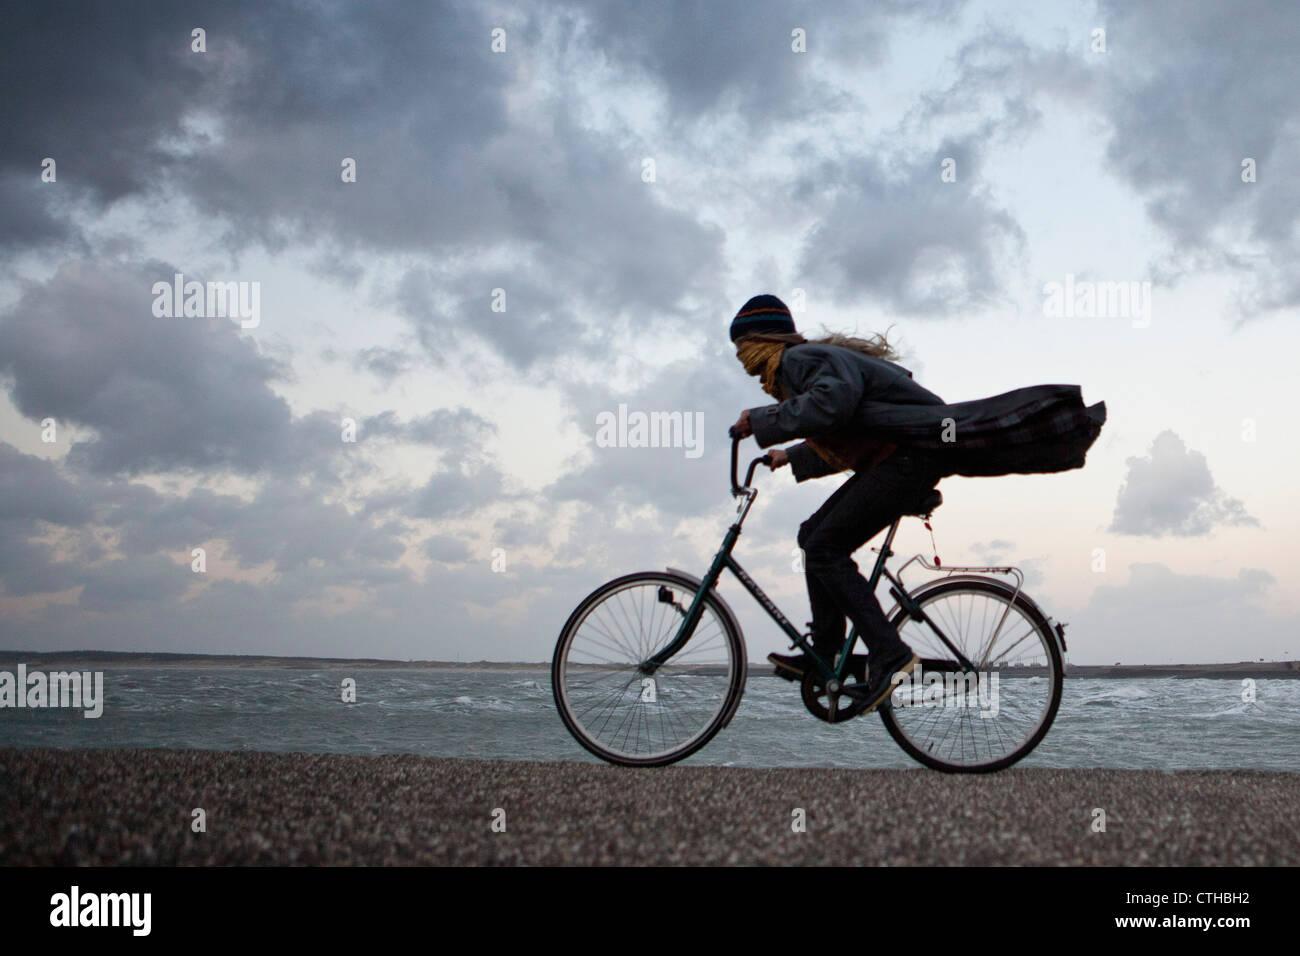 Os Países Baixos, Kamperland, Mulher andar contra o vento tempestuoso. Imagens de Stock